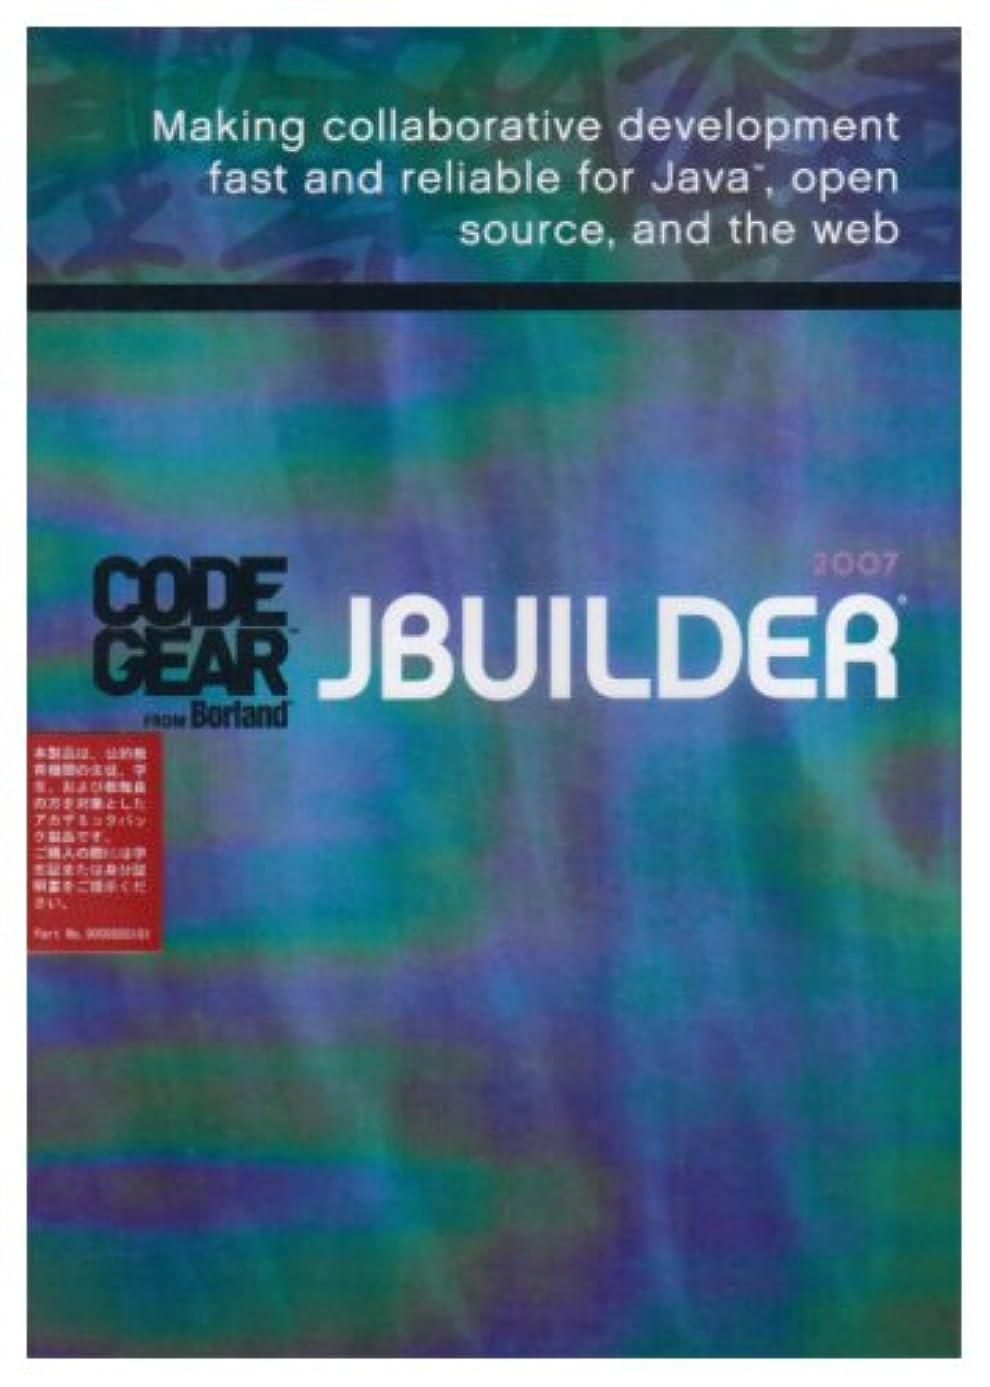 性的オーバーラン例示するJBuilder 2007 アカデミックパック1 (マルチプラットフォーム版)